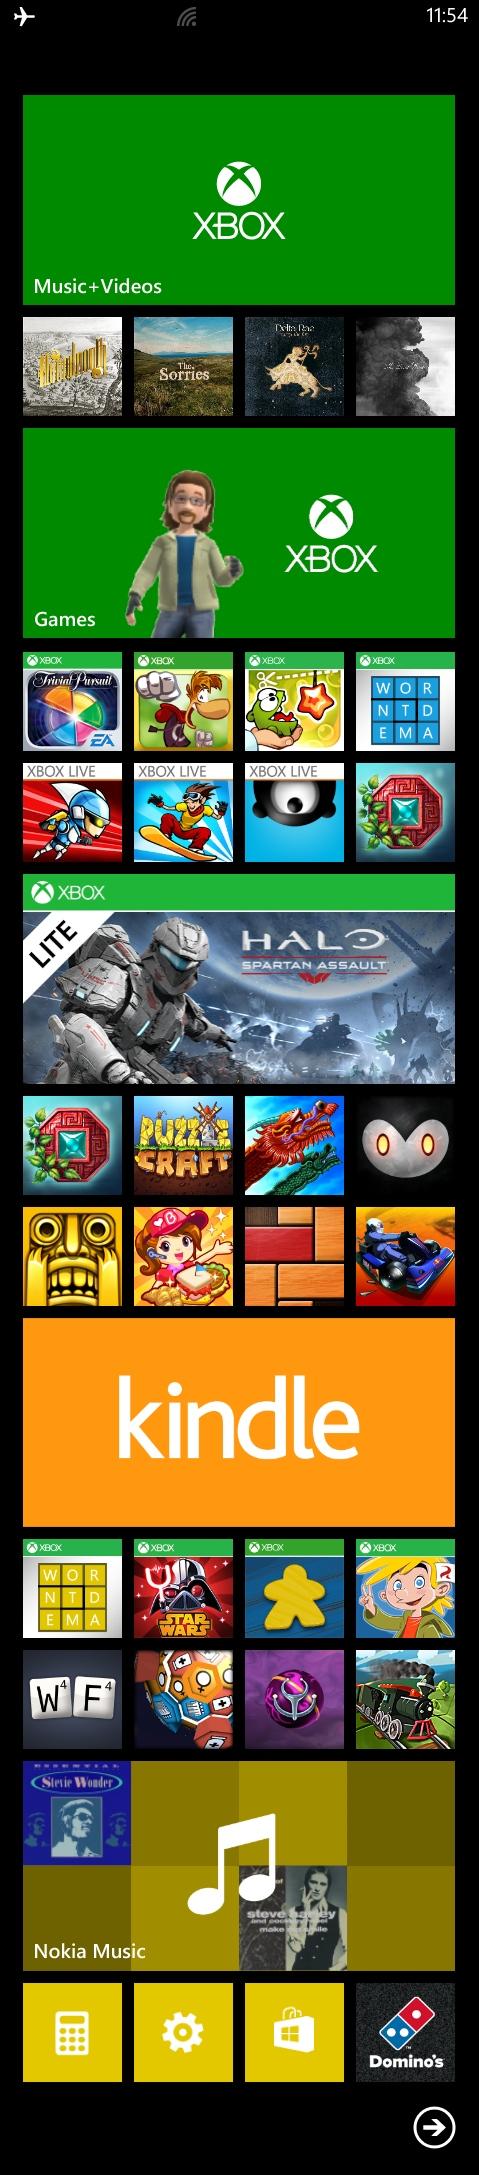 Xbox Portable Live Tiles